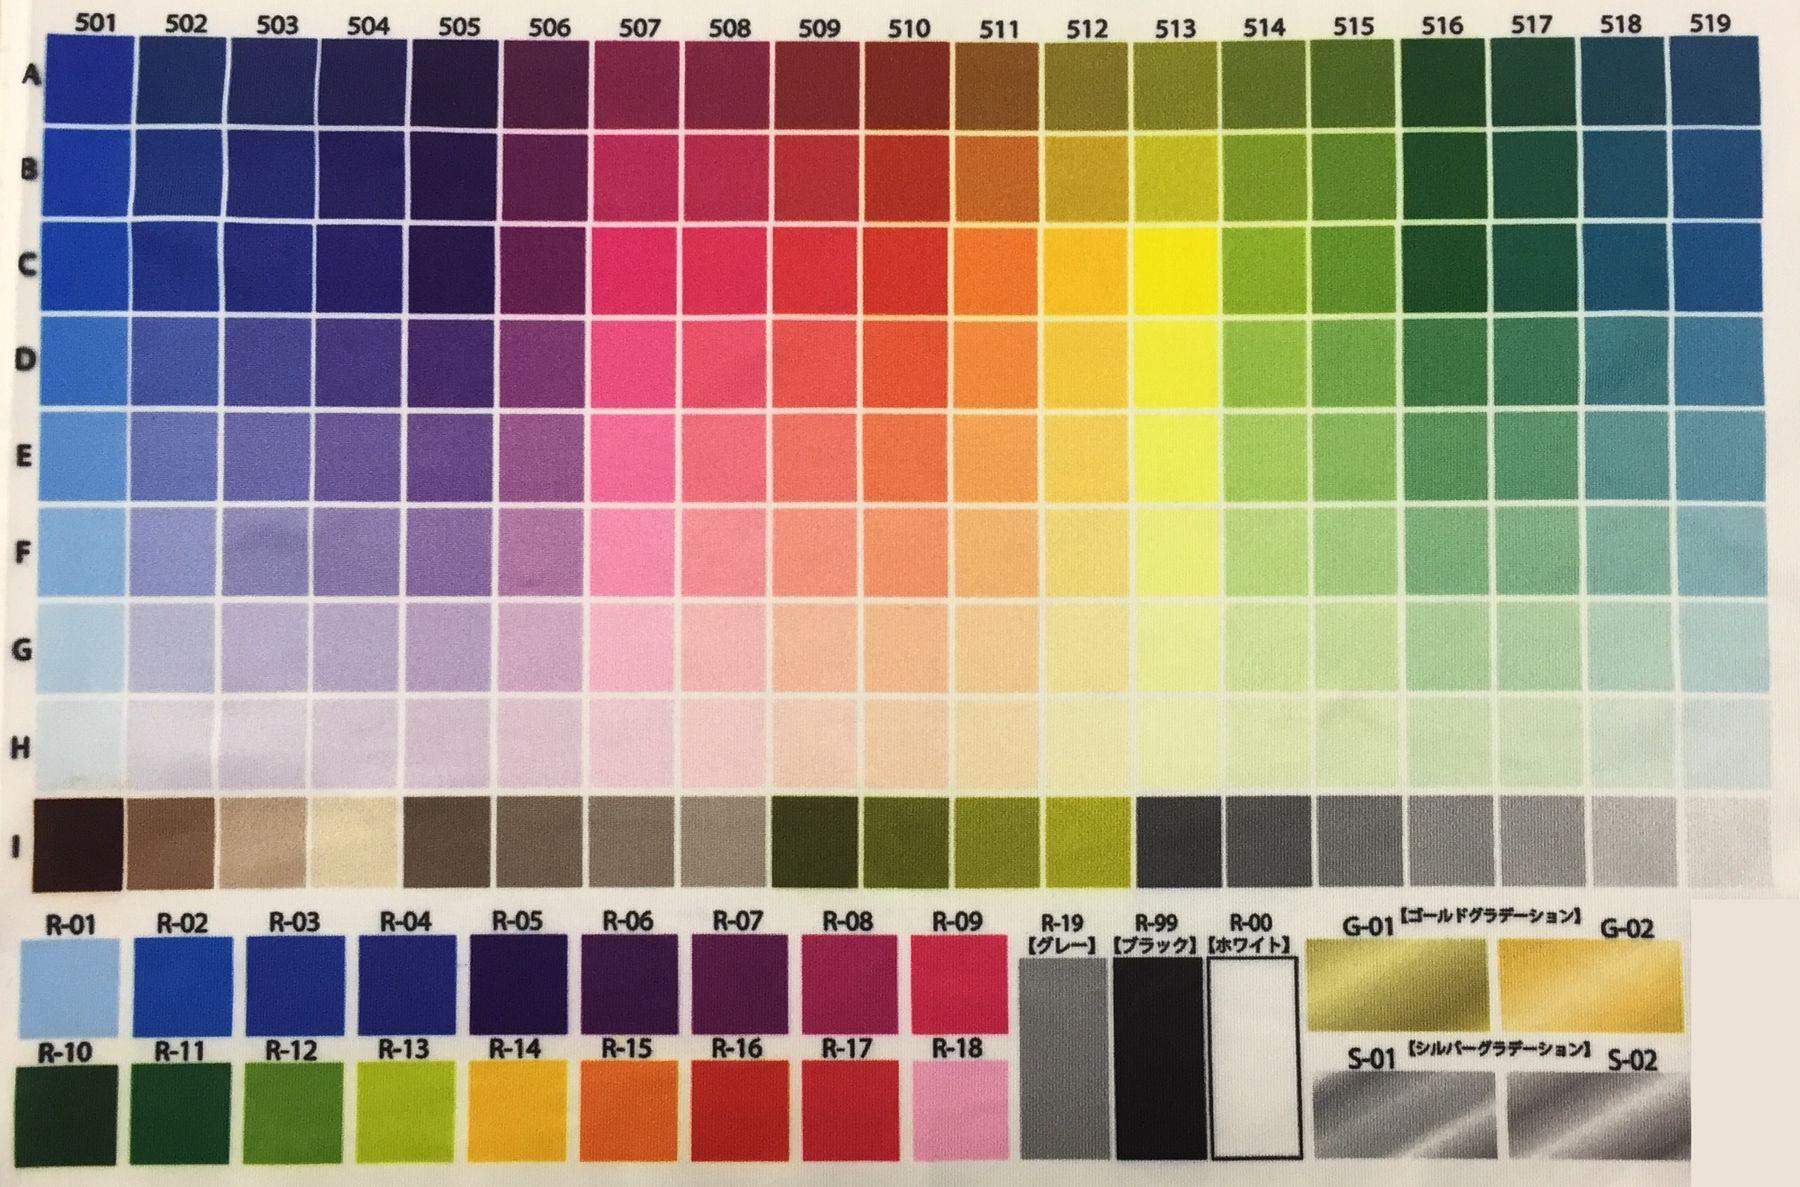 ドッジボール用オリジナルユニフォーム色見本。